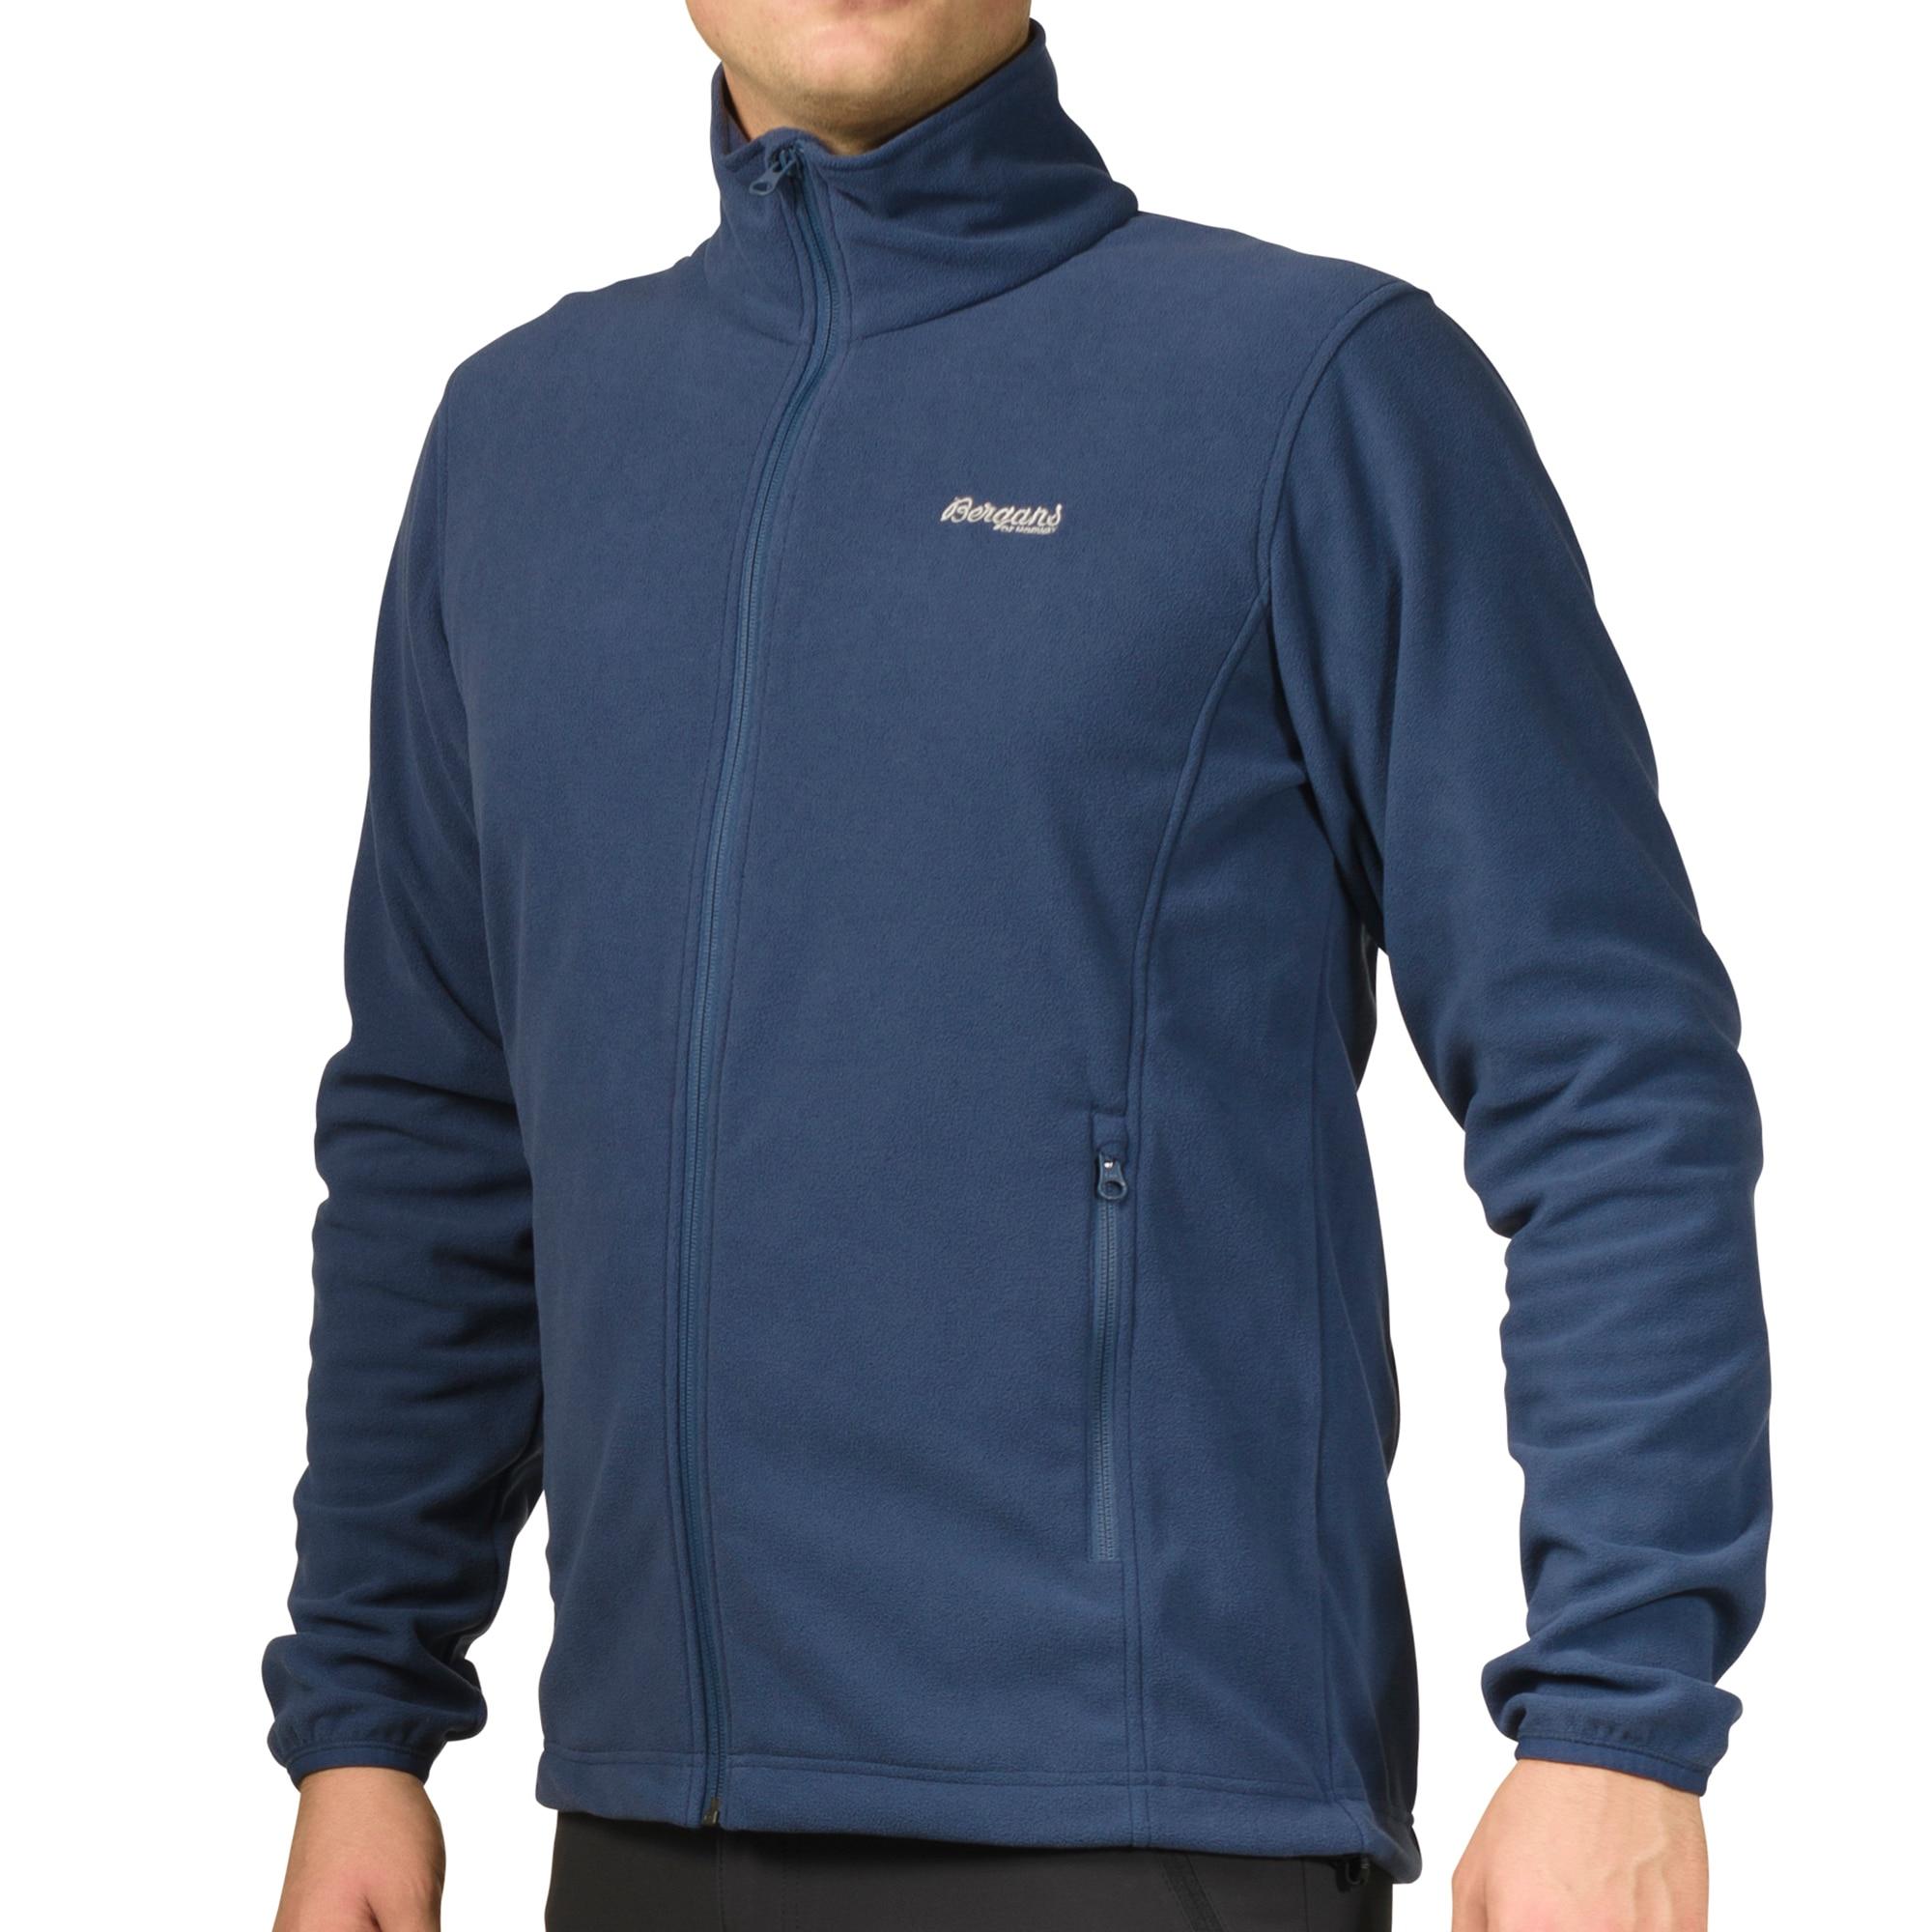 Park City Jacket